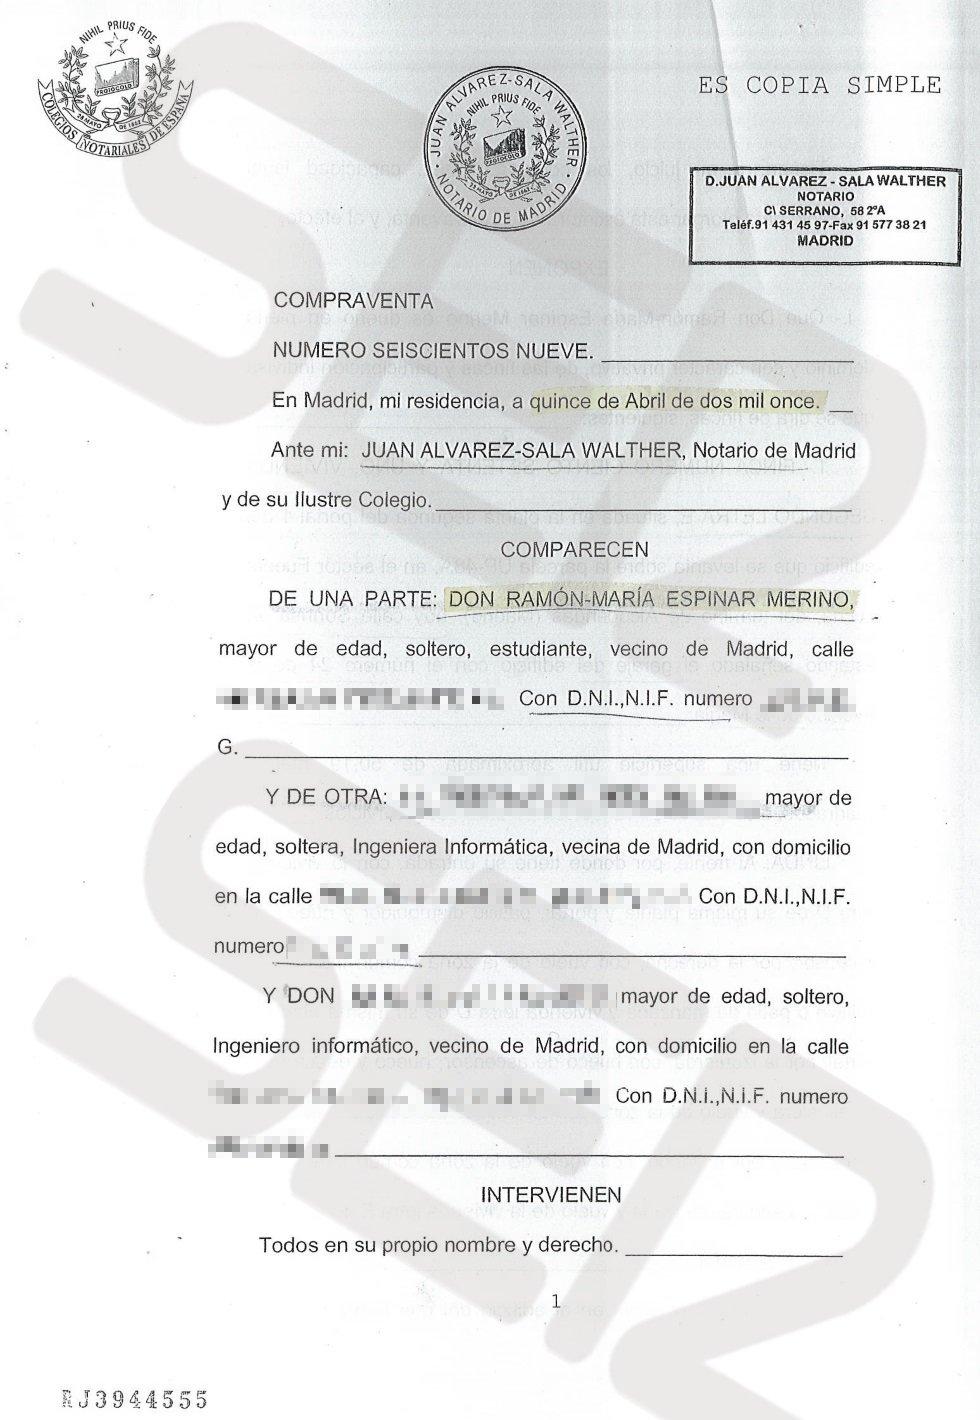 Copia simple de la escritura de compra venta con fecha 15 de abril de 2011.